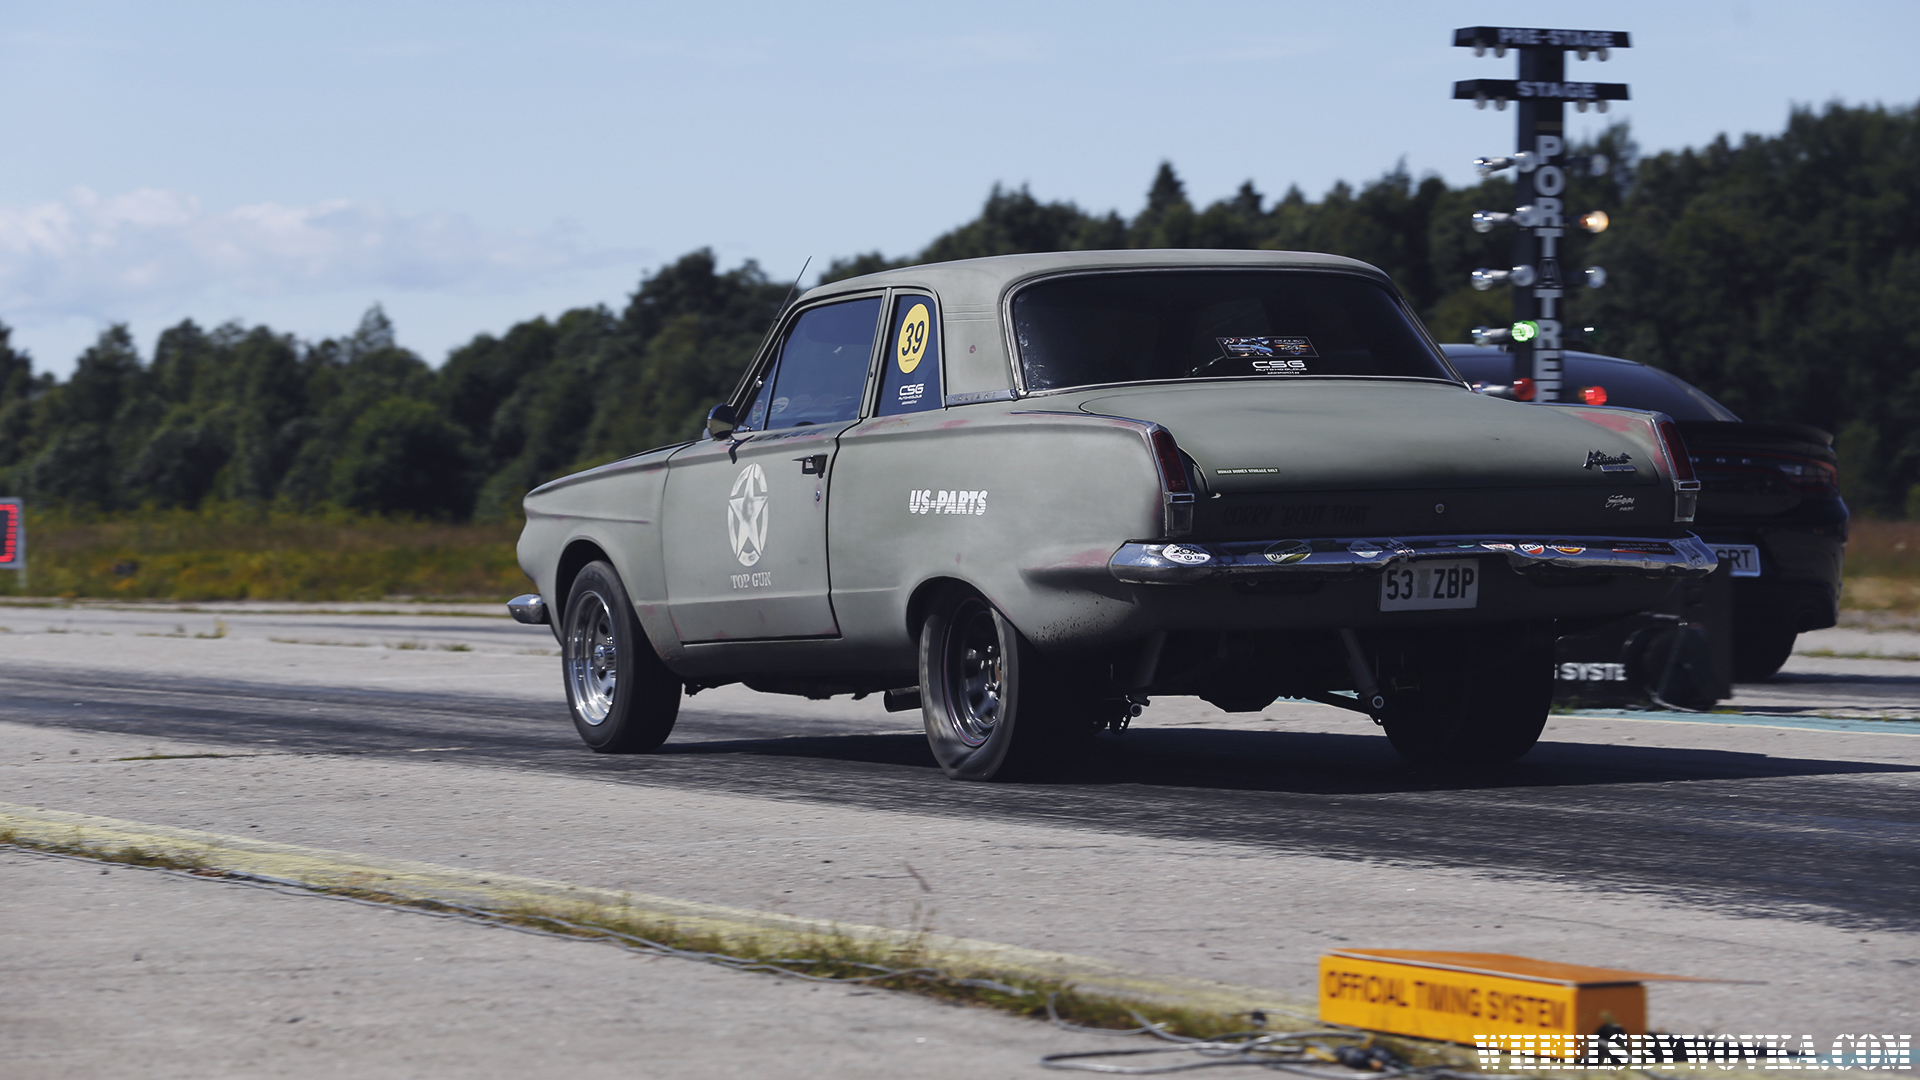 american-beauty-car-show-2017-haapsalu-dragrace-by-wheelsbywovka-20